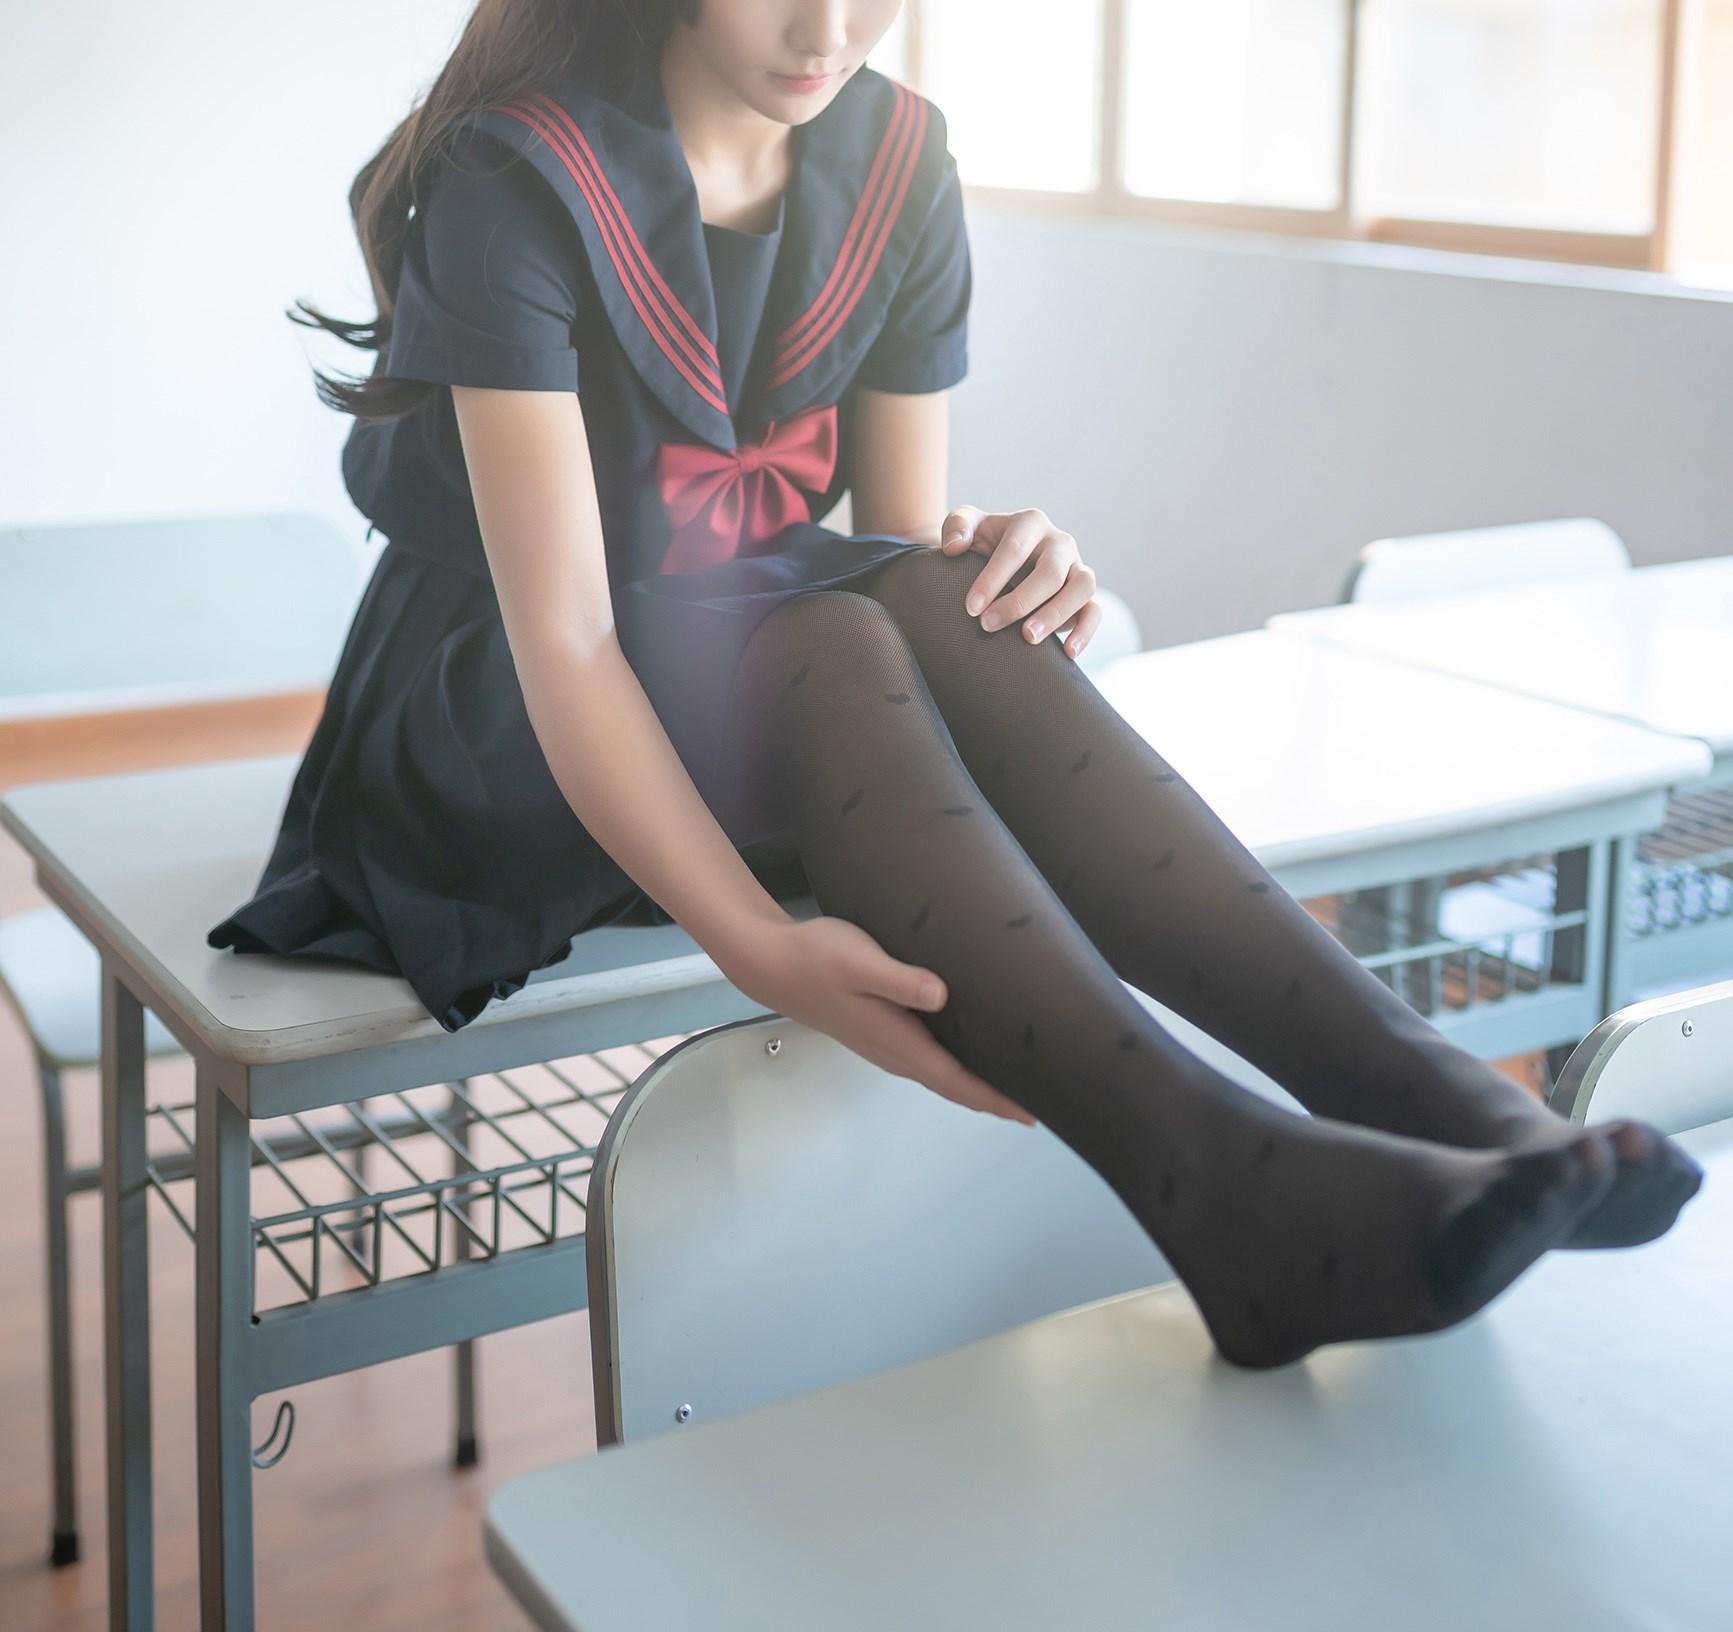 【兔玩映画】教室里的黑丝JK 兔玩映画 第35张